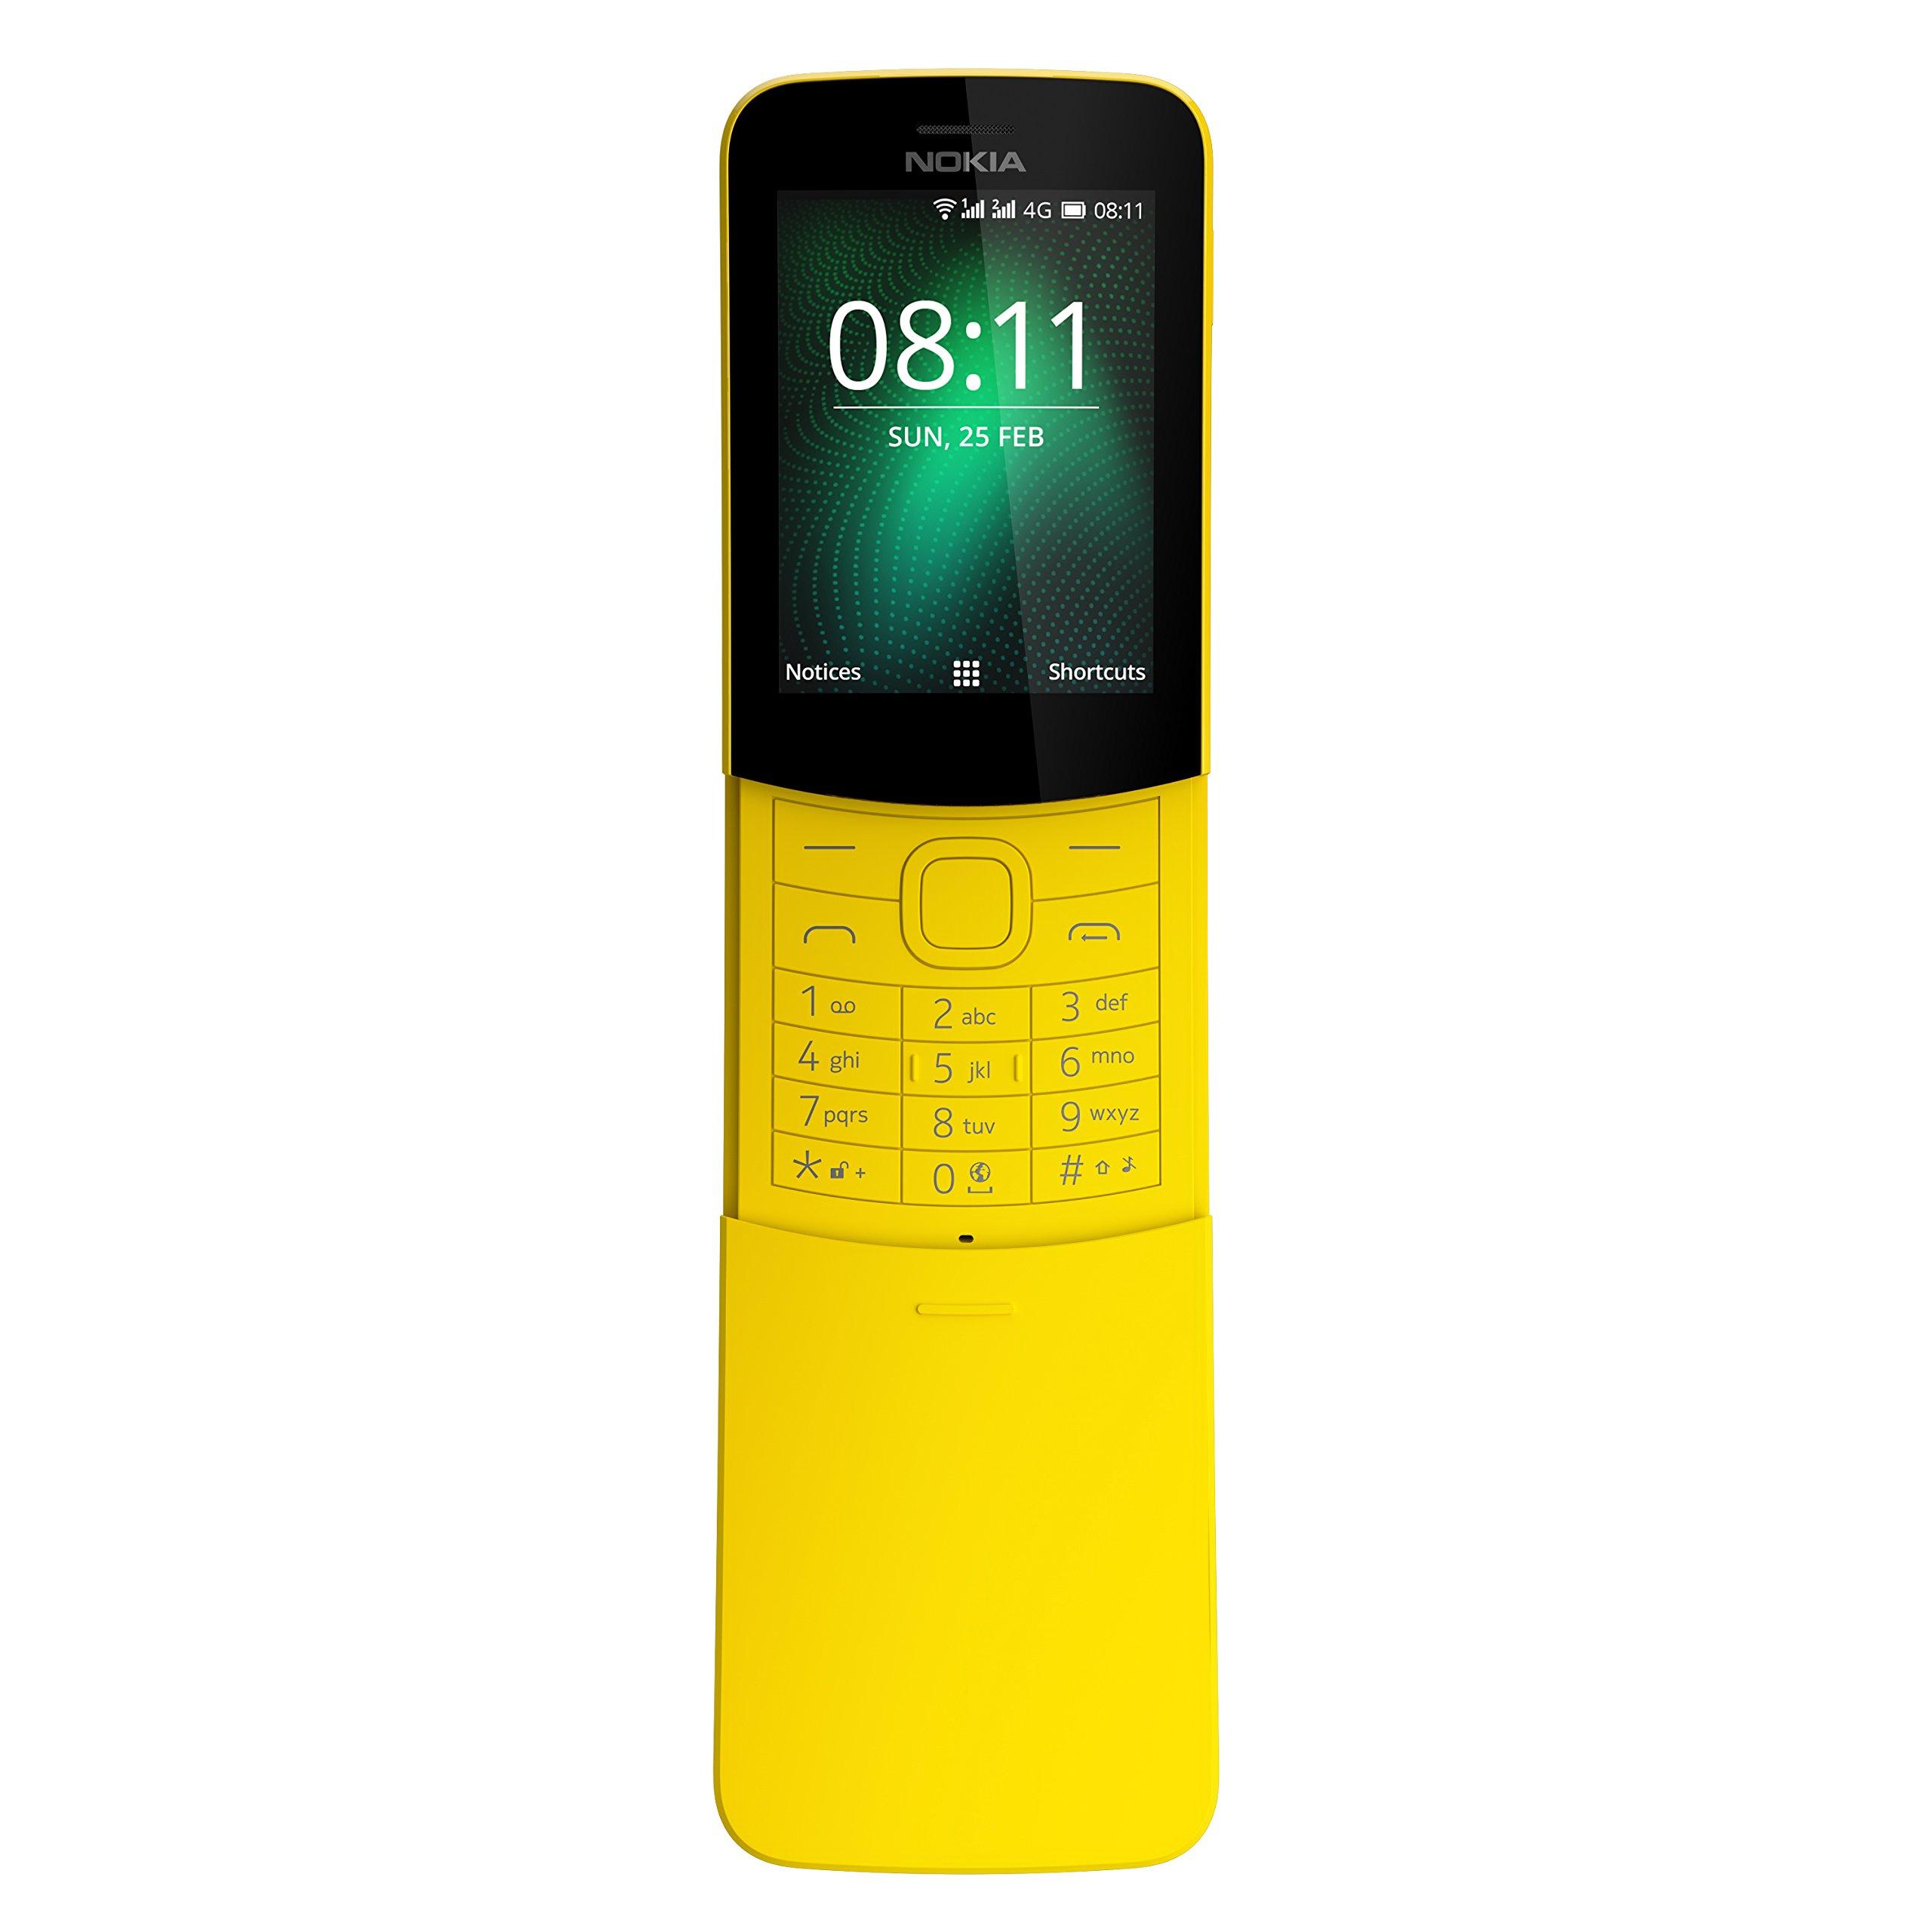 Nokia 8110 - Mobilephone de 2.45